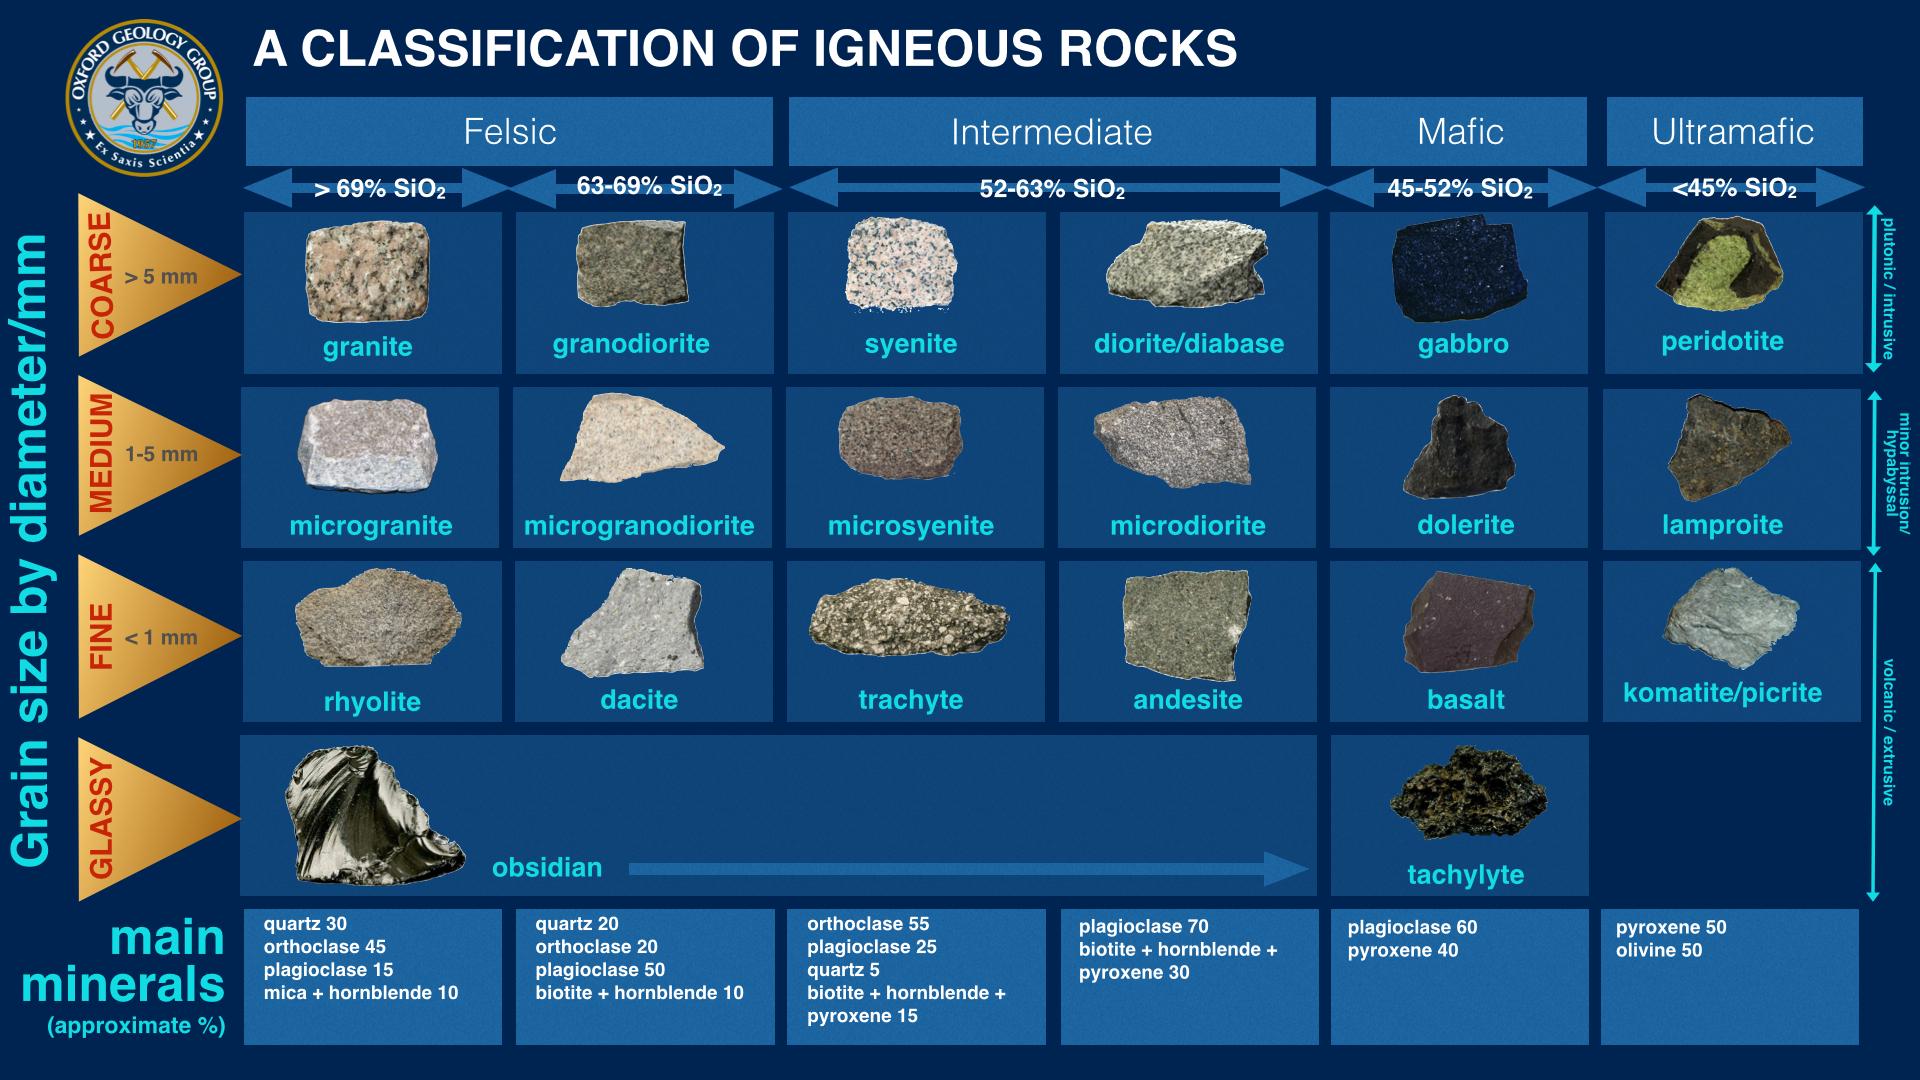 How to Identify Igneous Rocks